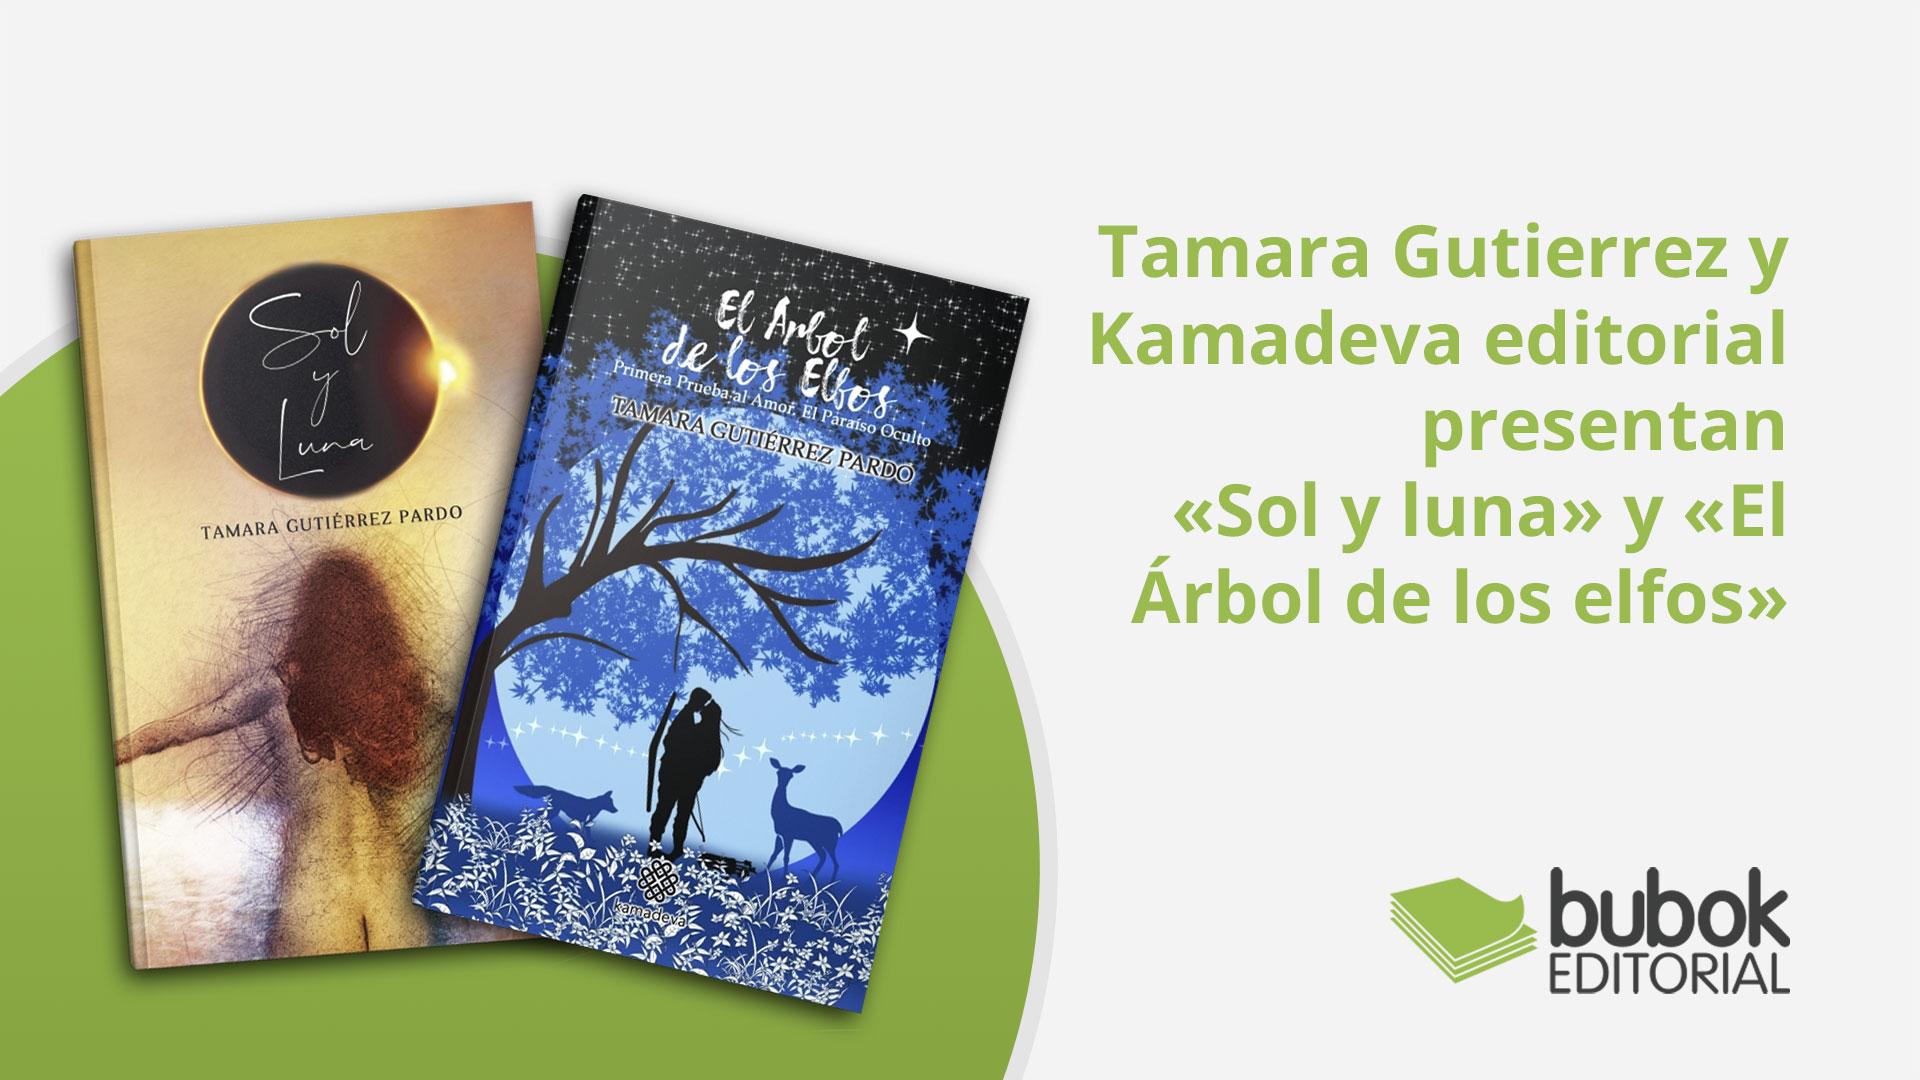 Tamara Gutierrez y Kamadeva presentan sus dos nuevos libros : «Sol y luna» y «El árbol de los elfos»